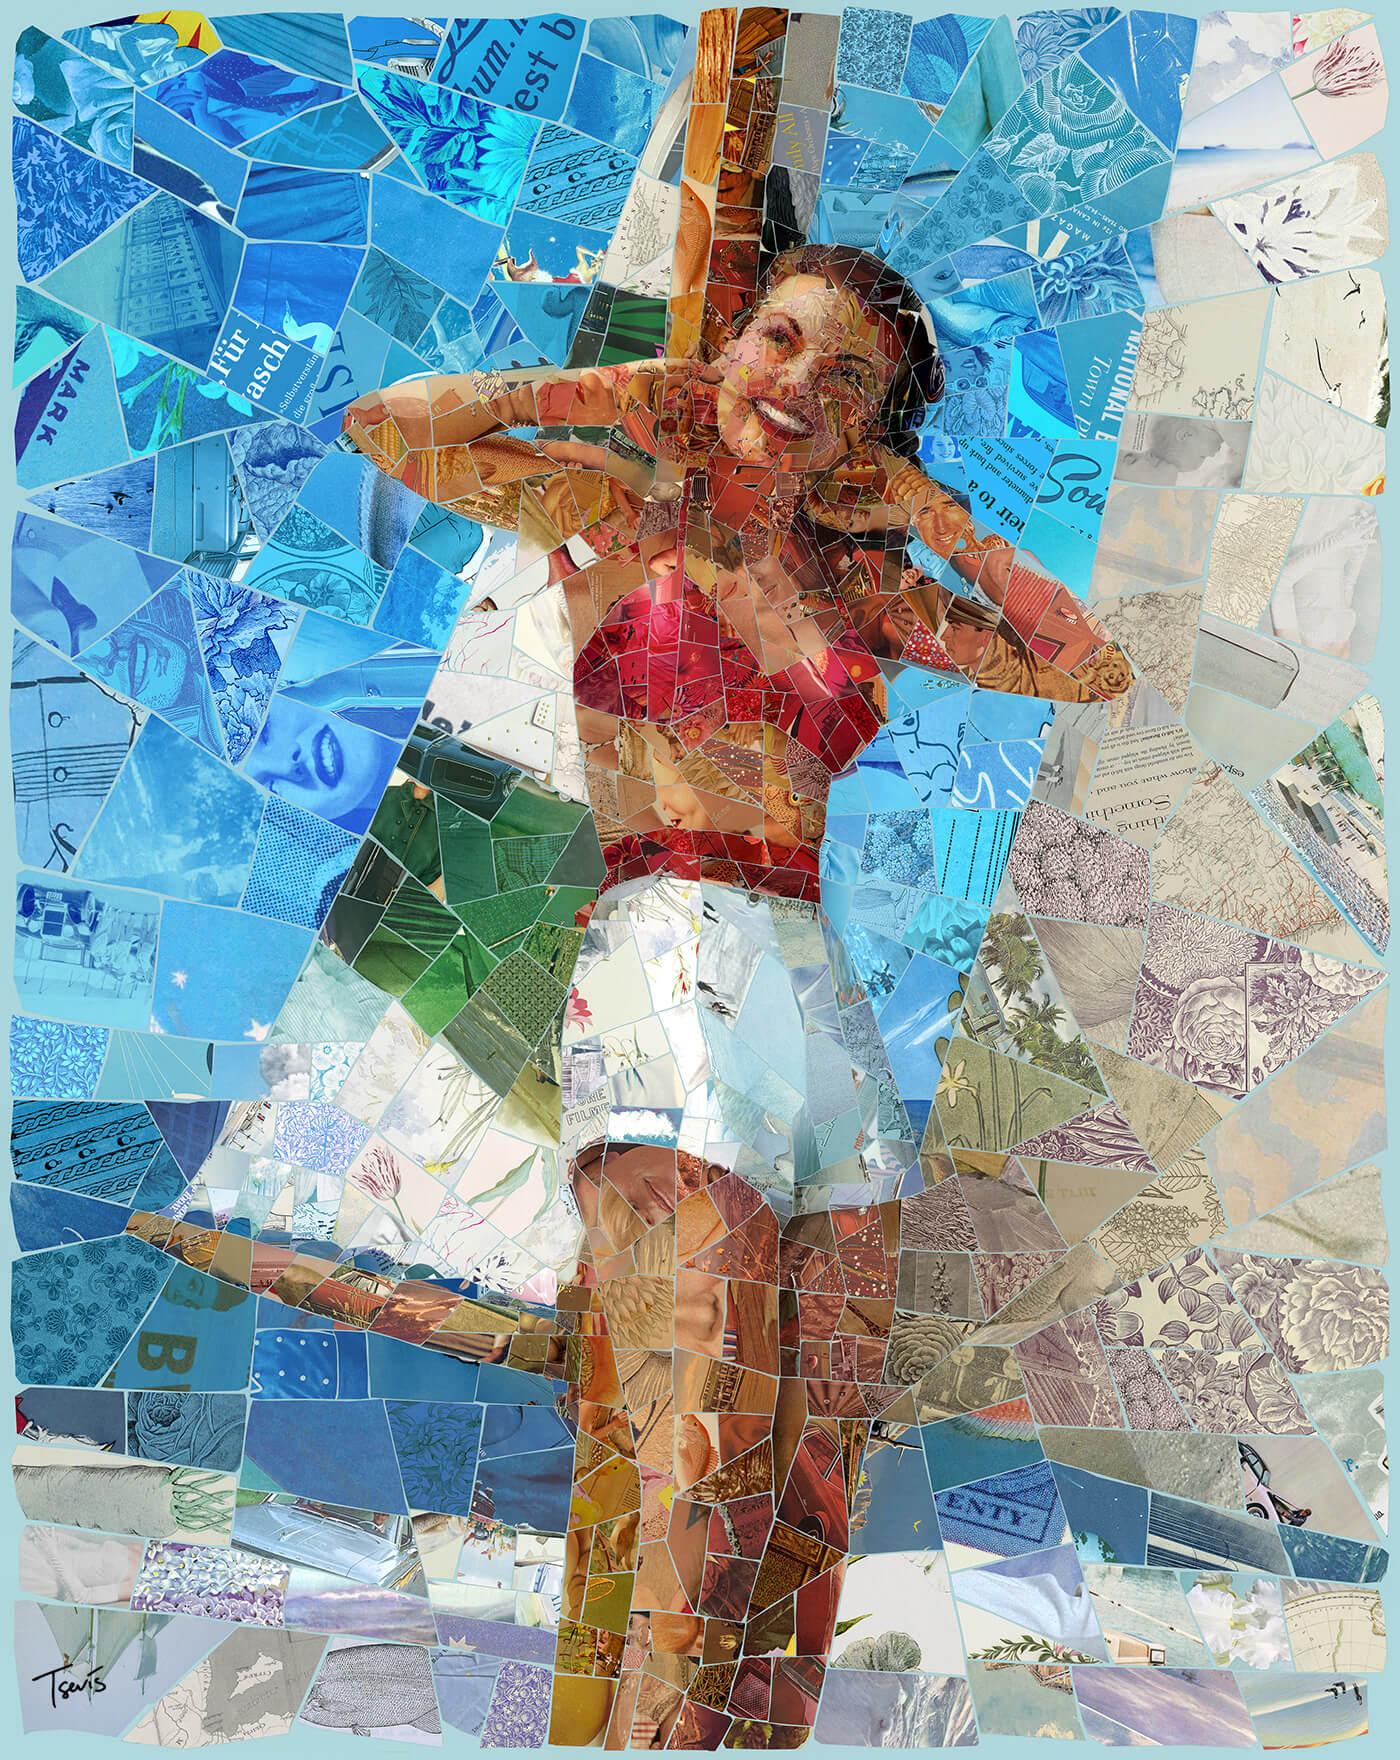 Donna sulla spiaggia con barca a vela